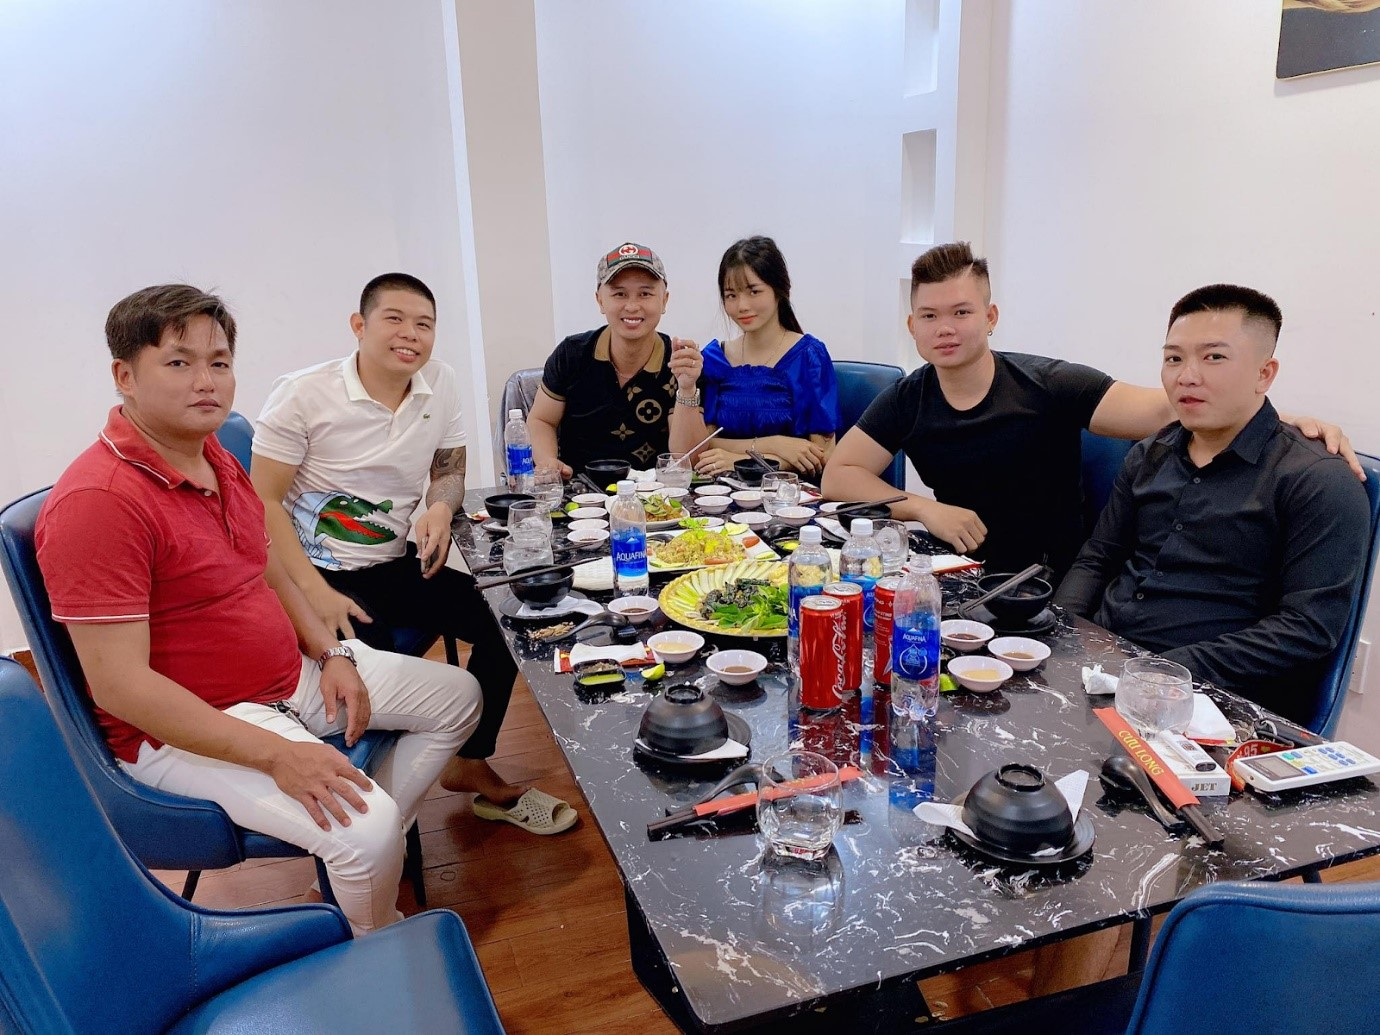 CEO Đỗ Thành Phú cùng vợ gặp gỡ CTV khi dịch chưa bùng phát